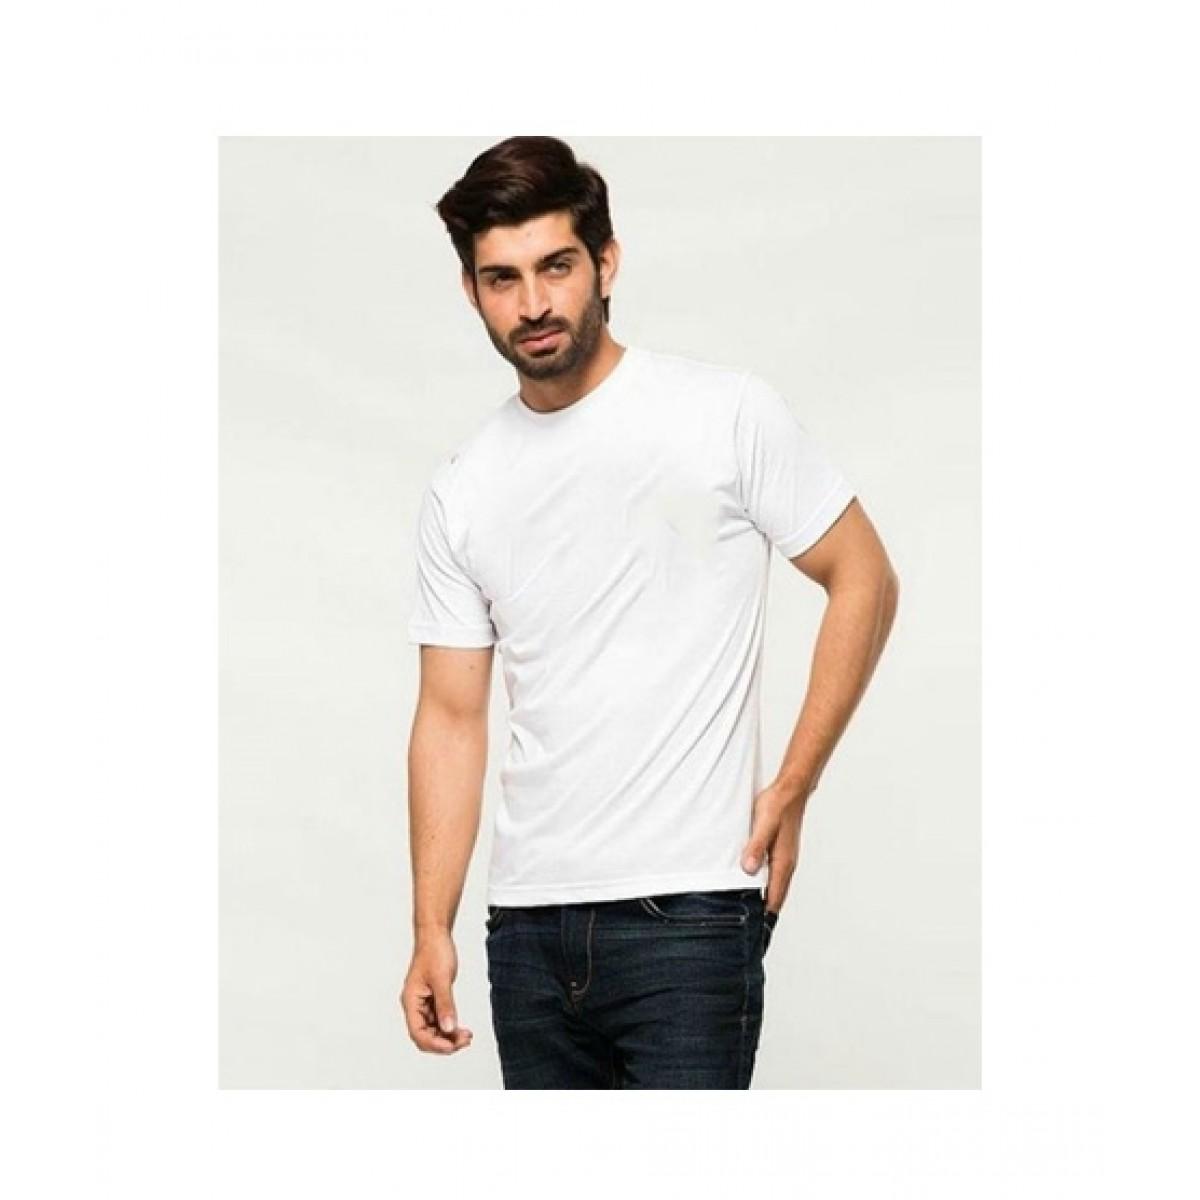 The Vintage Clothing Plain basic imported white t shirt